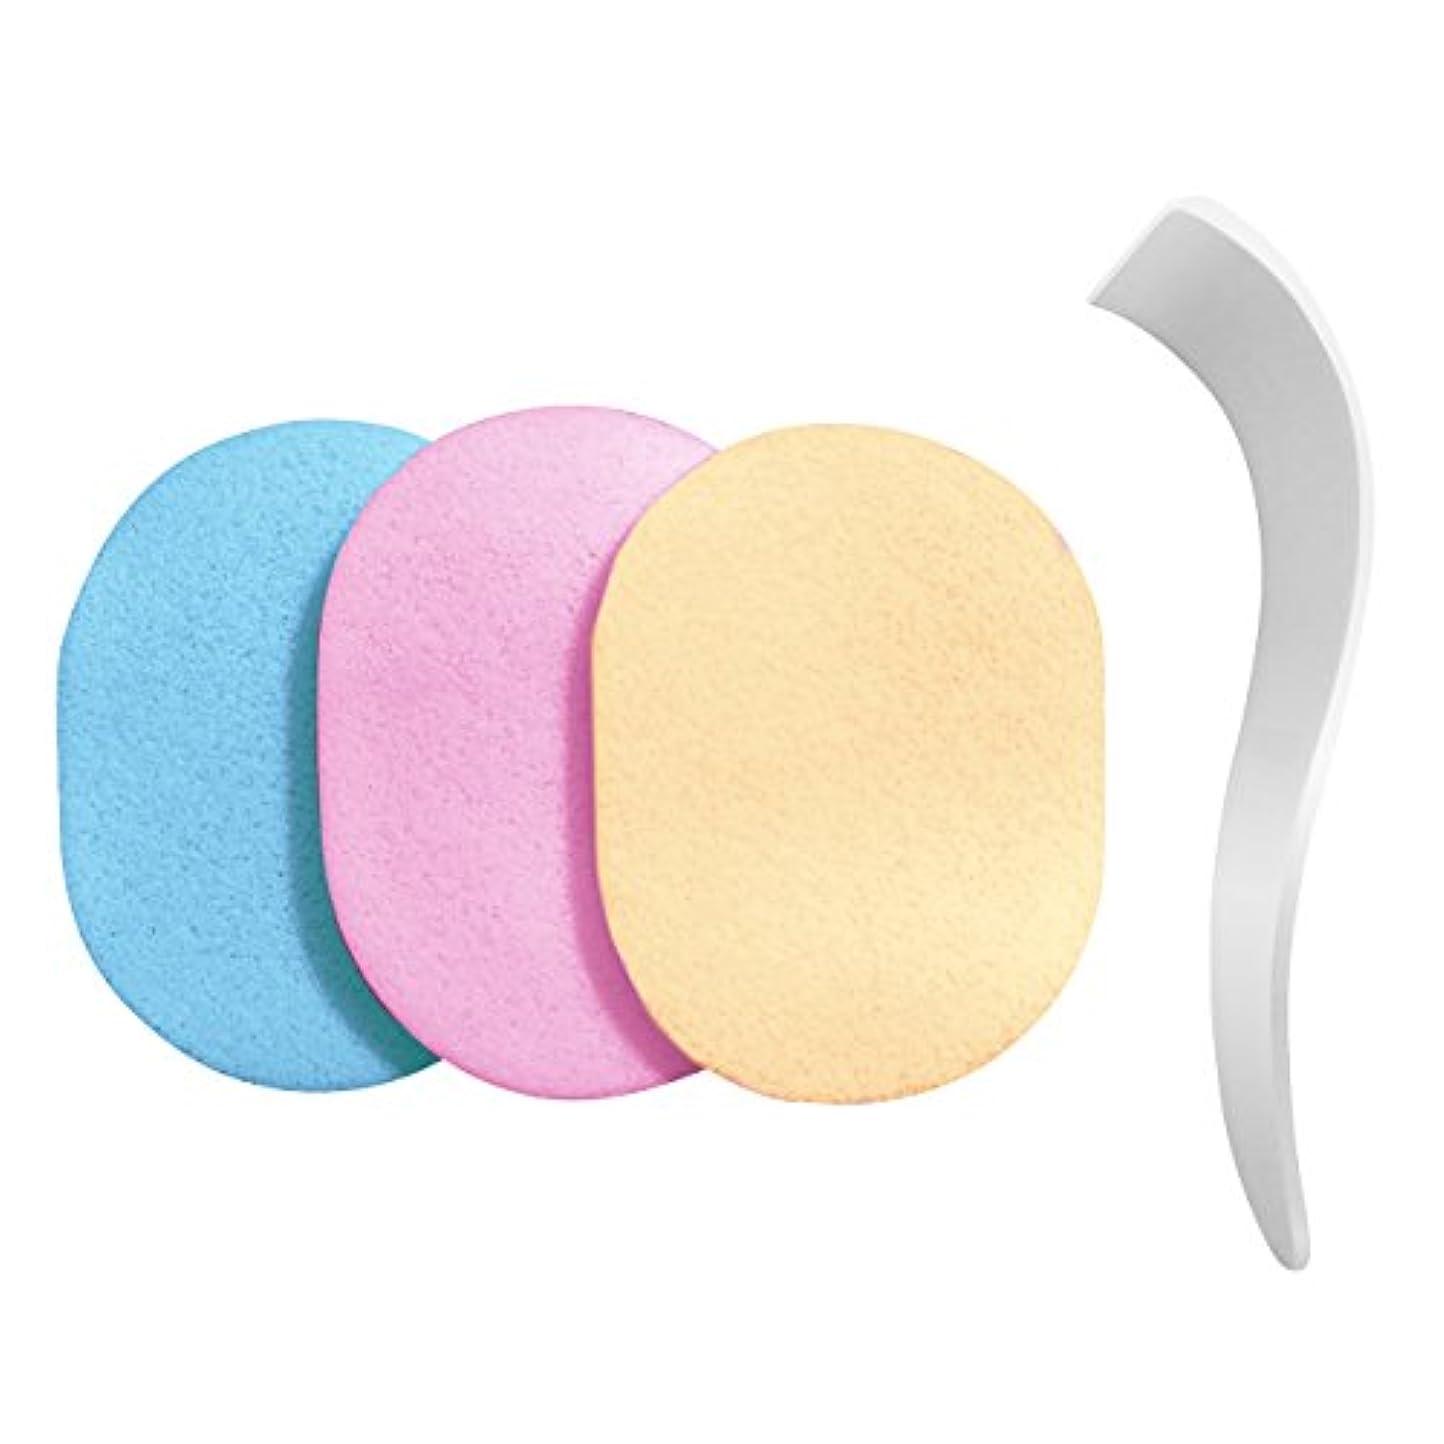 増強タウポ湖枝【除毛用】s-fit 専用ヘラ スポンジ 洗って使える 3色セット 100%PVA 除毛クリーム専用 メンズ レディース